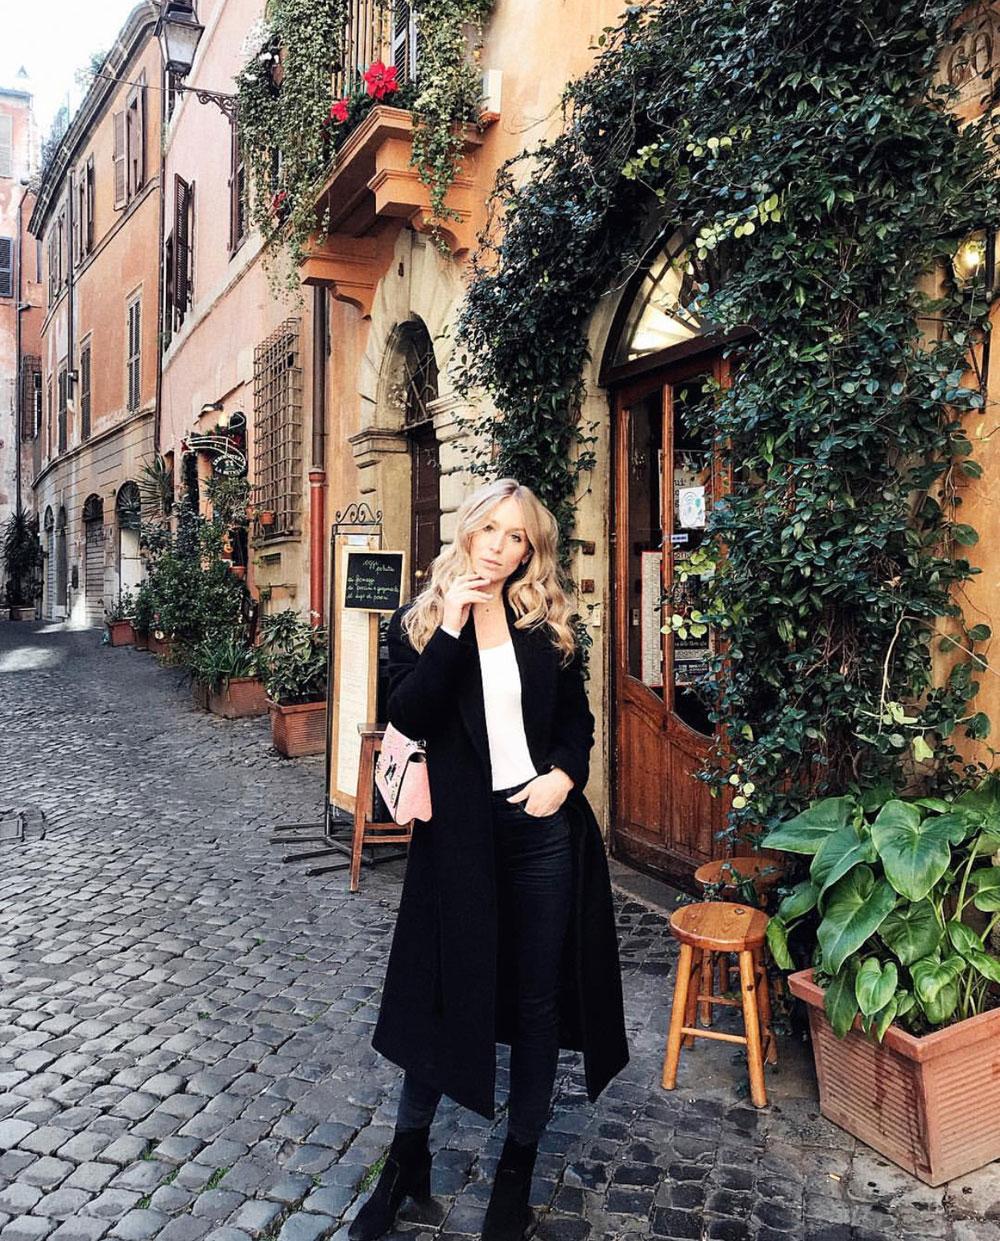 Jacket, top & Jeans:  COS  Bag & Shoes:  Louis Vuitton